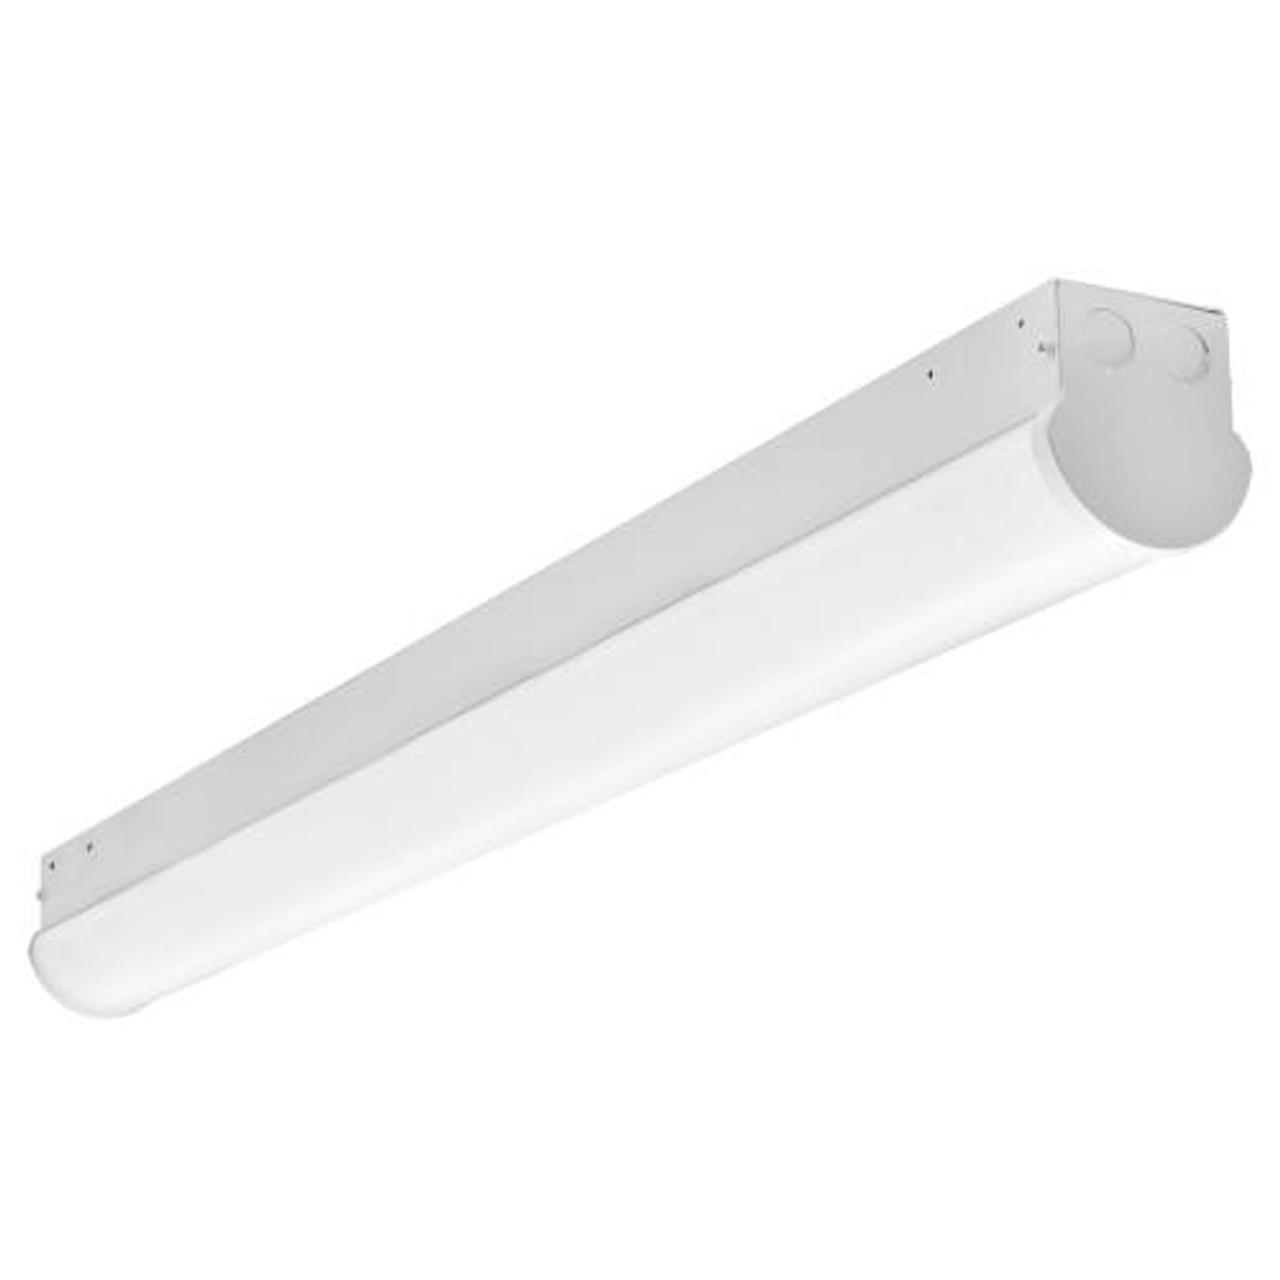 25 Watt 3 FT LED Covered Strip Light